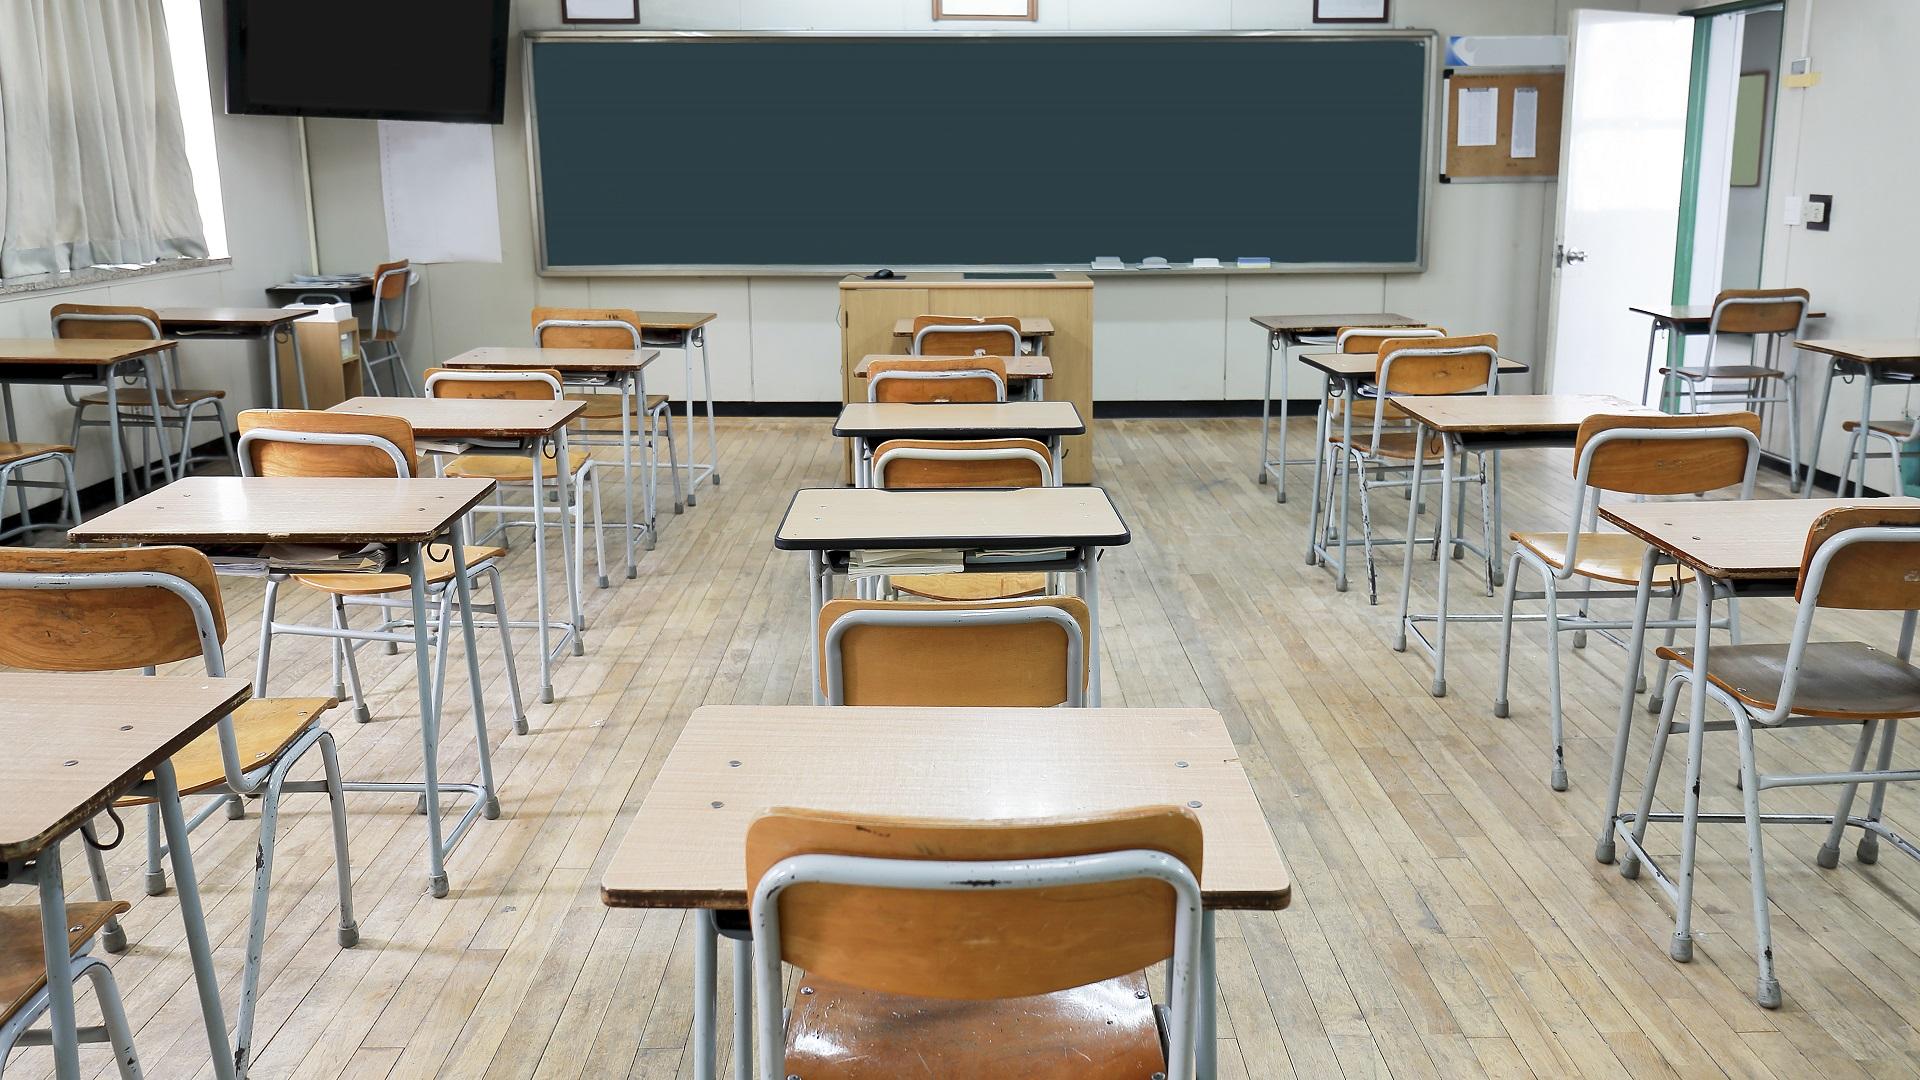 SCHOOL CLASSROOM GENERIC DESK